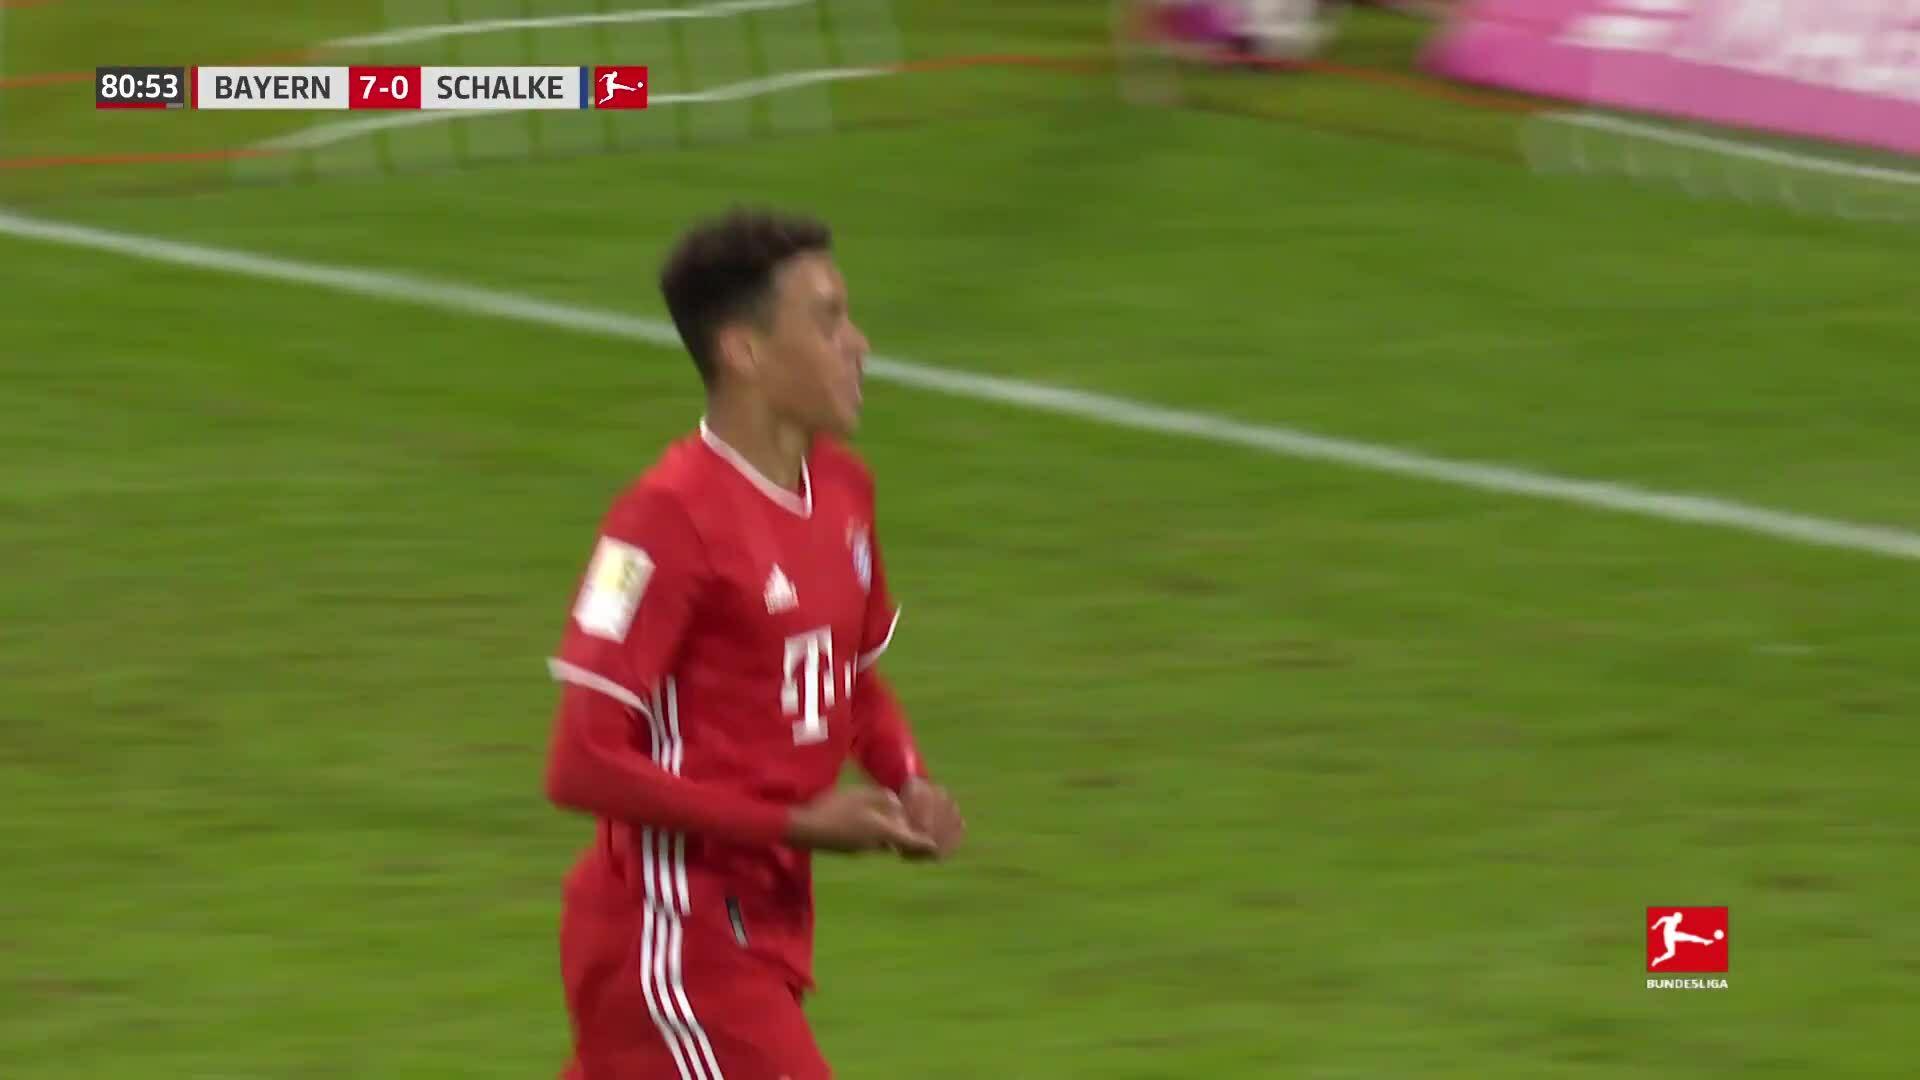 Bayern 8-0 Schalke 04